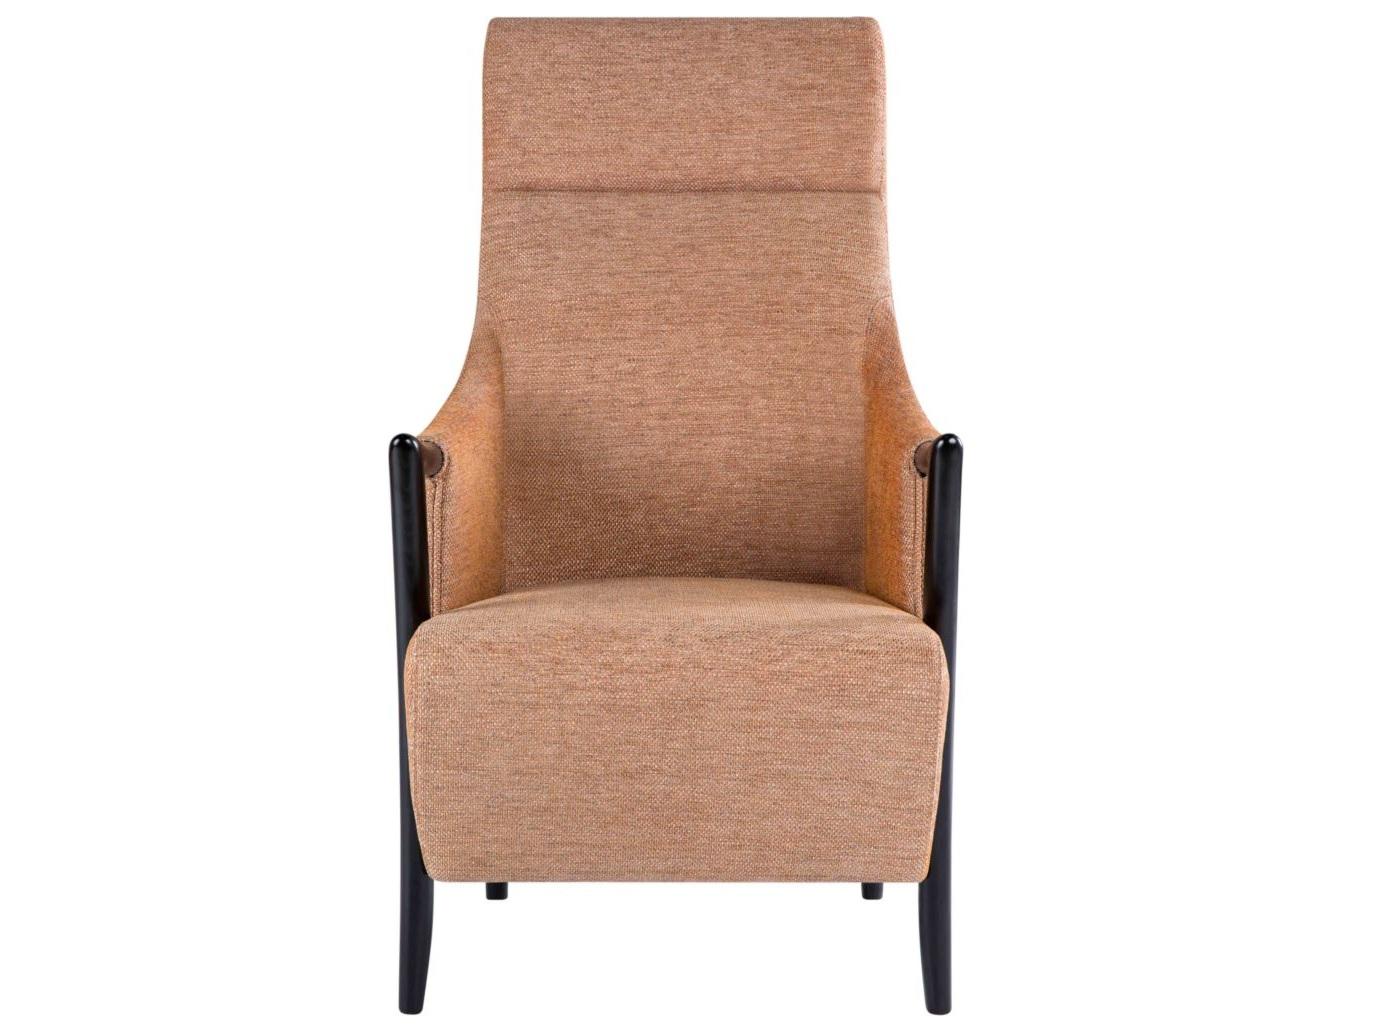 Кресло PROGETTIКресла с высокой спинкой<br><br><br>Material: Текстиль<br>Width см: 94<br>Depth см: 66<br>Height см: 120